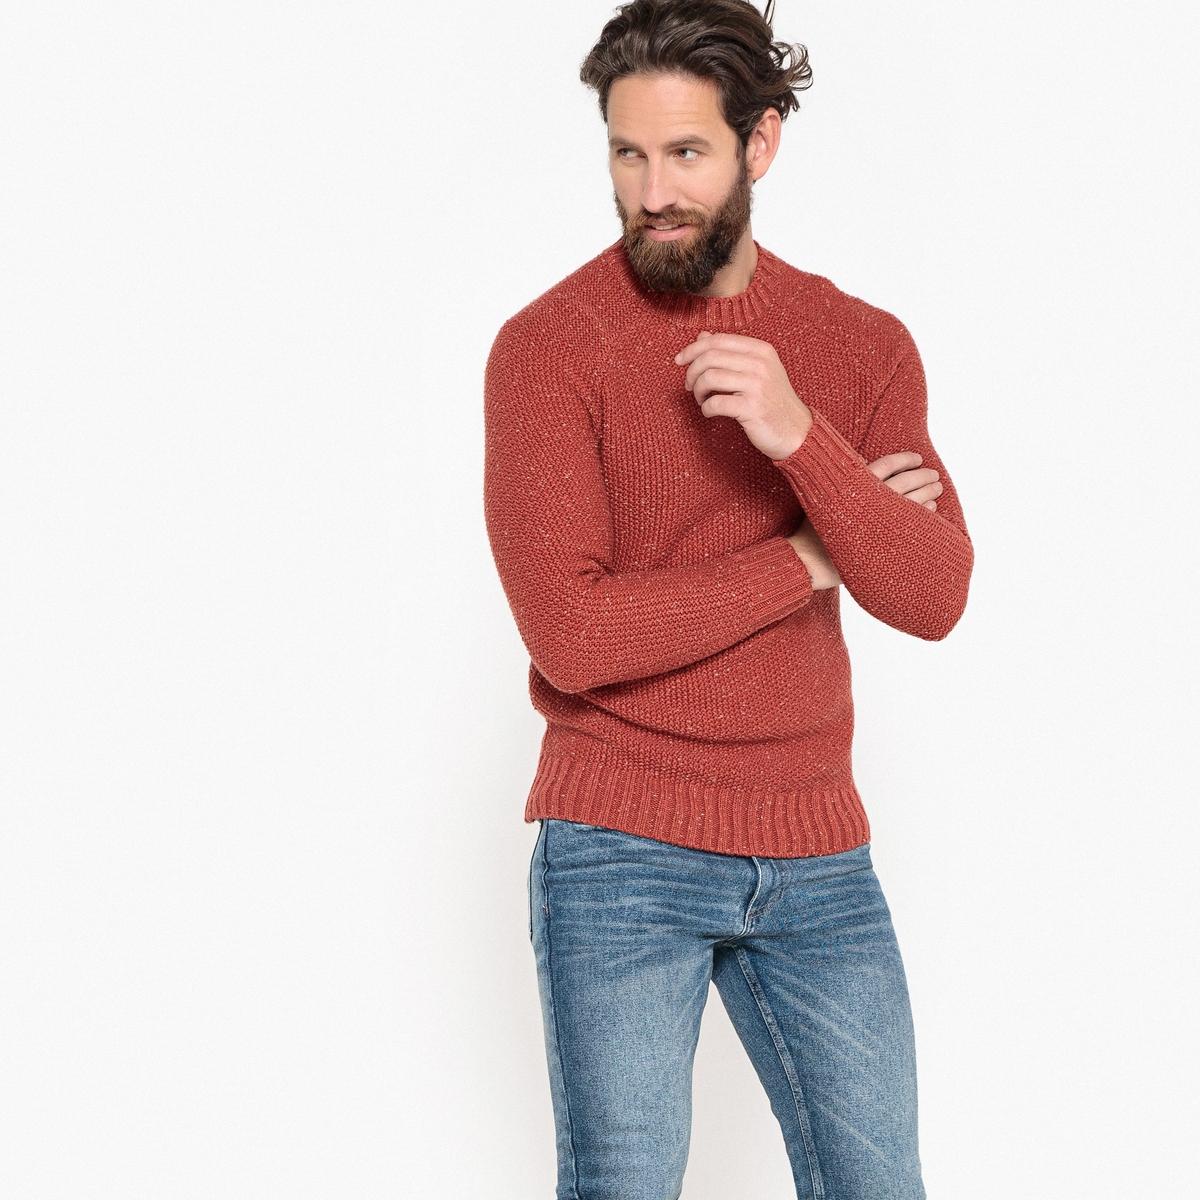 Пуловер La Redoute С круглым вырезом из плотного трикотажа 3XL красный пуловер la redoute с круглым вырезом из плотного трикотажа 3xl синий